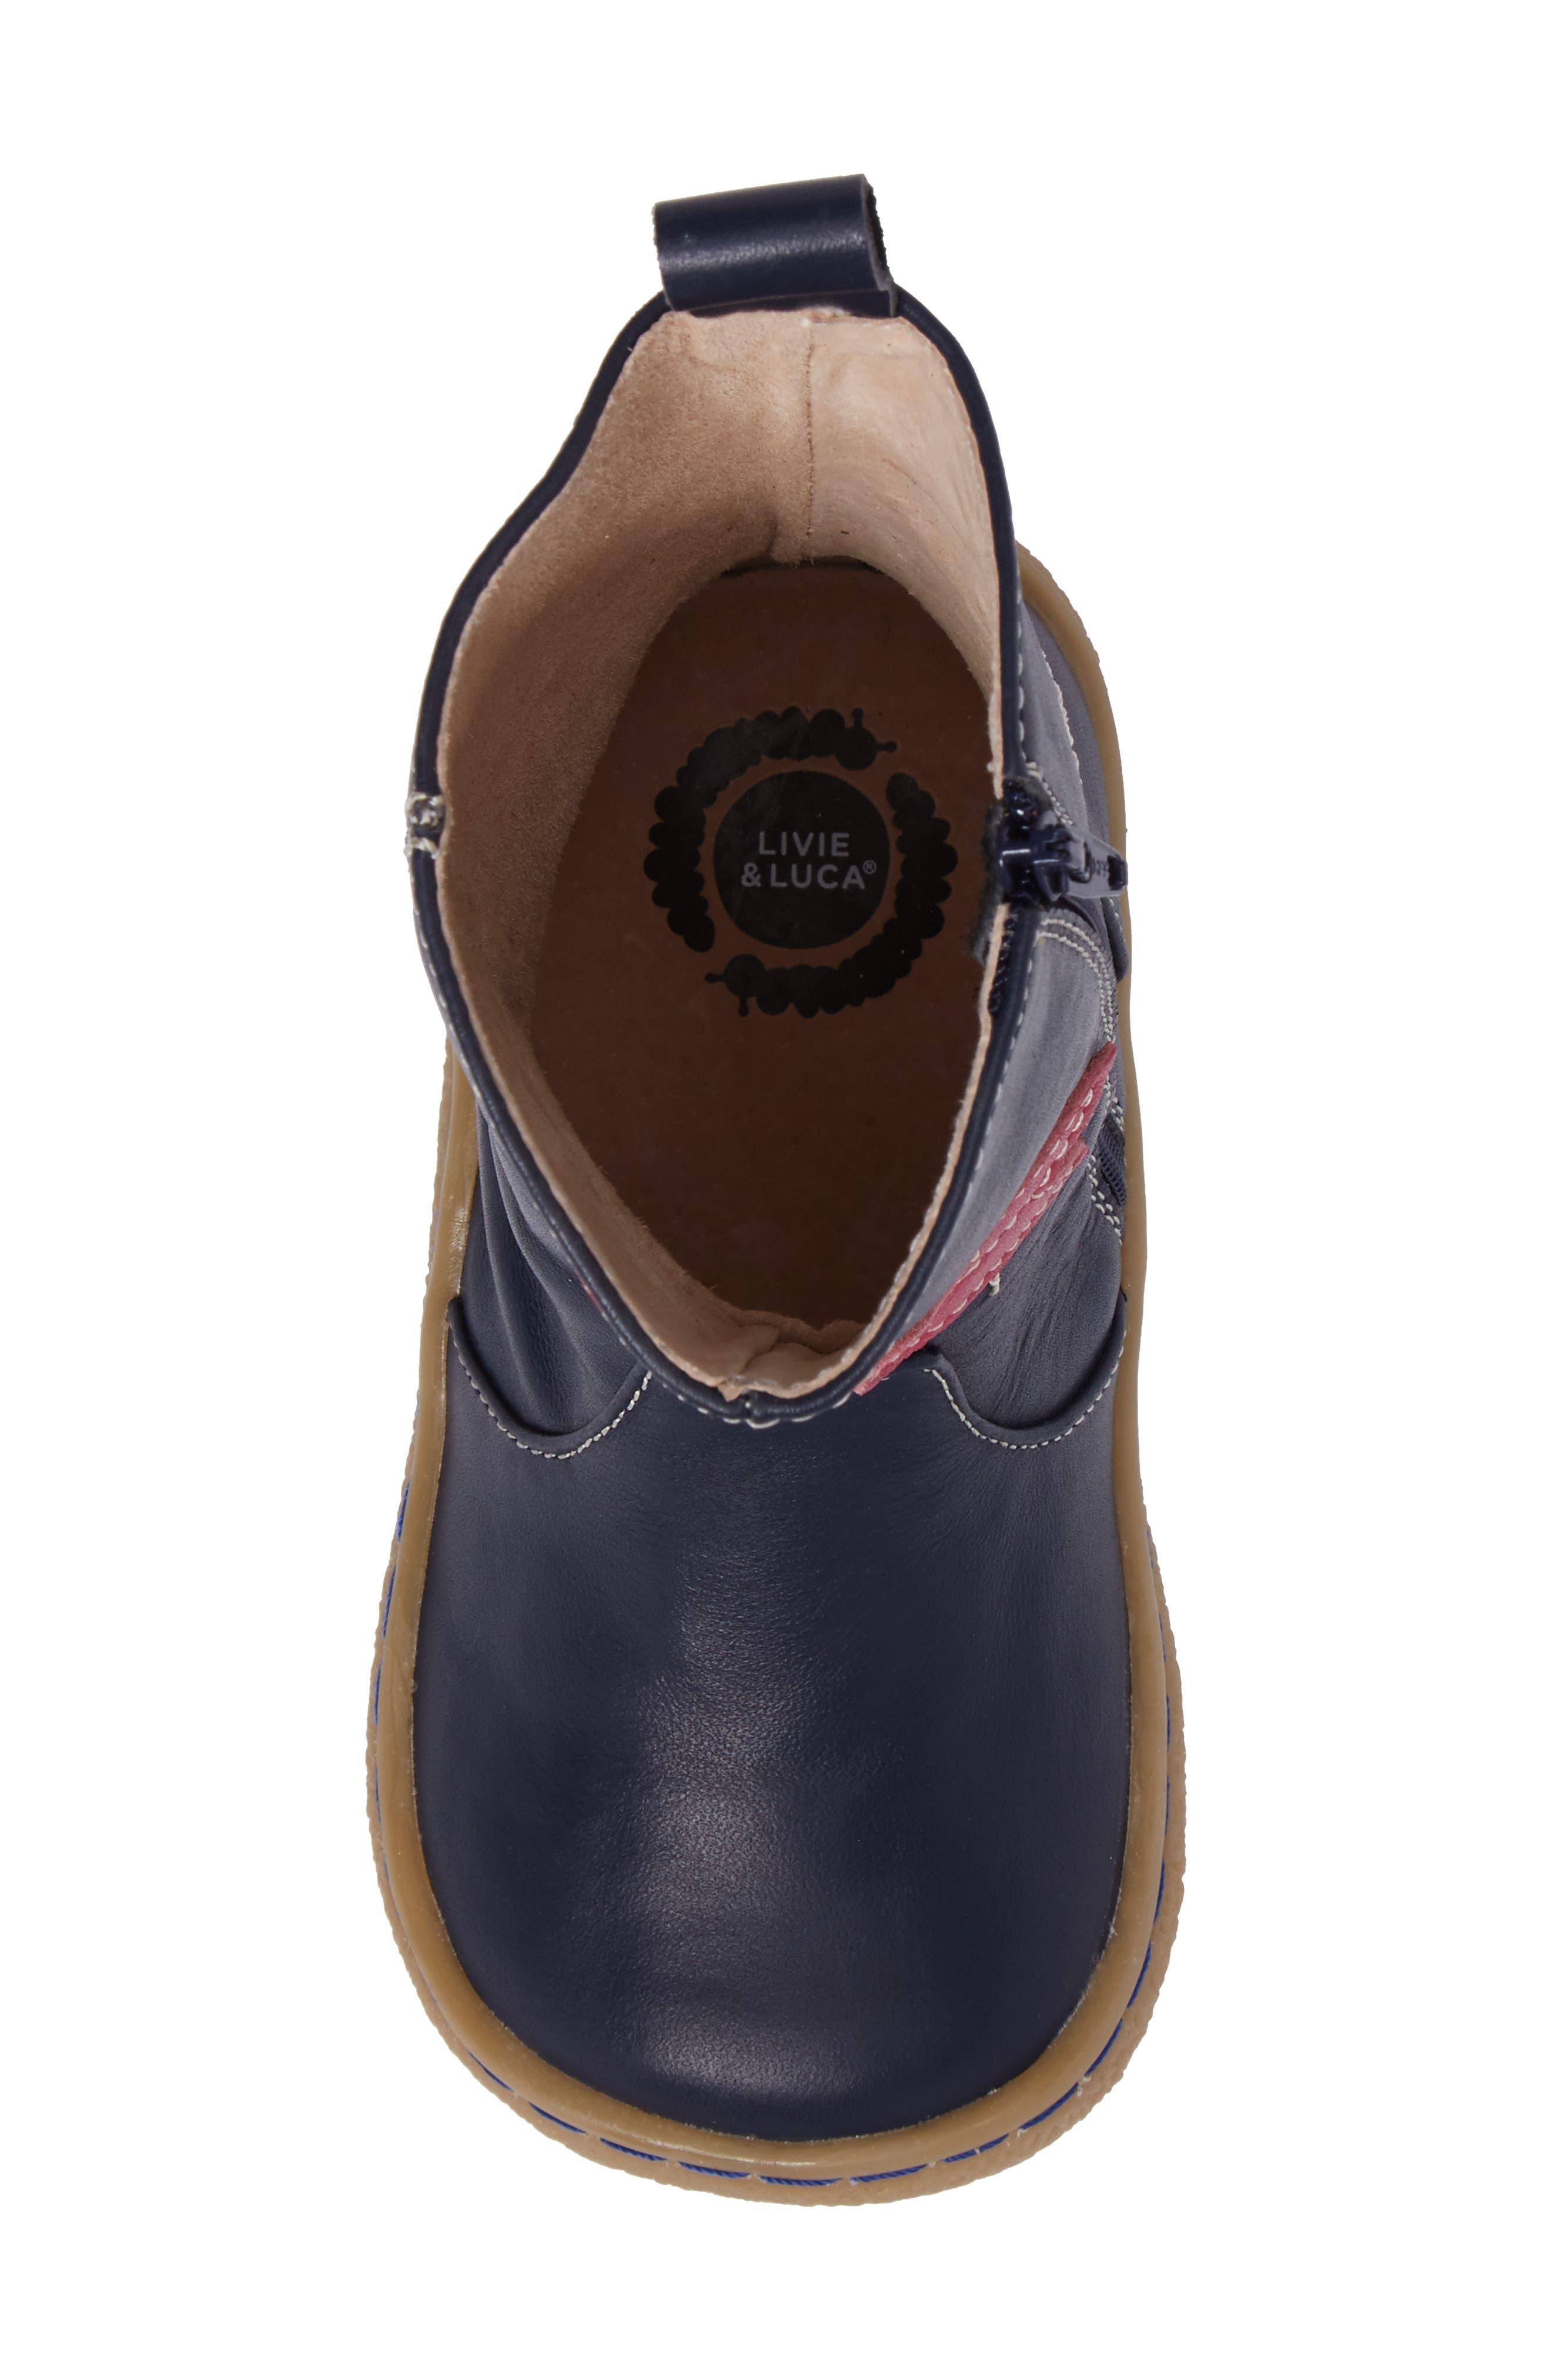 Pio Pio Bird Appliqué Boot,                             Alternate thumbnail 5, color,                             Navy Blue